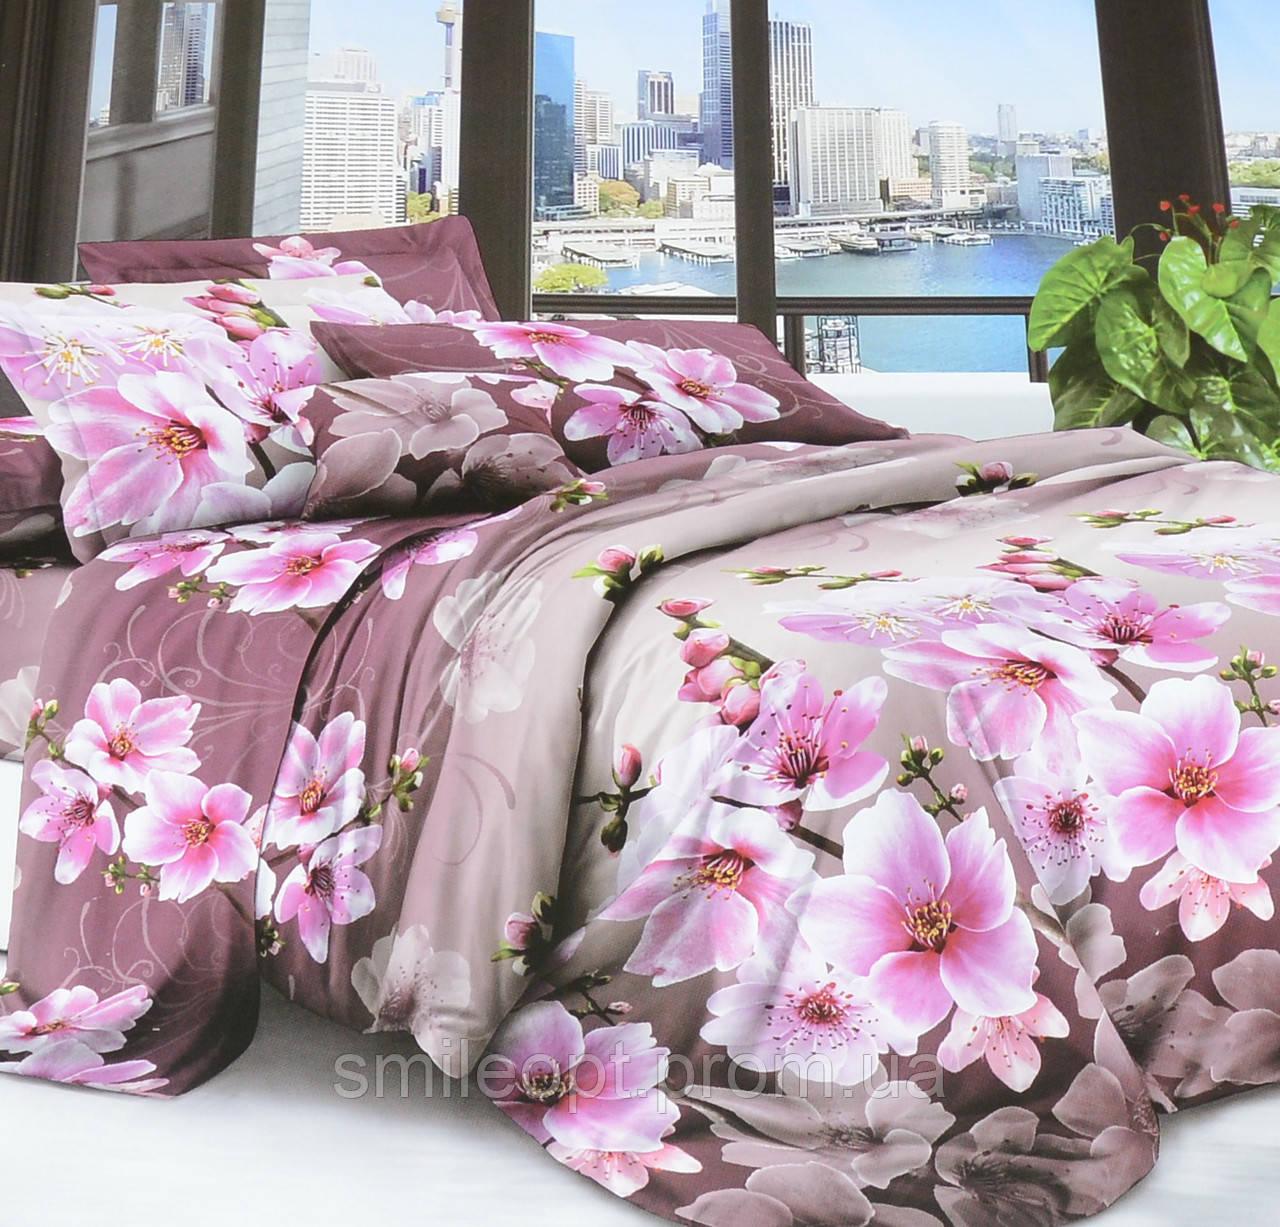 Артроза оптовые склады цветов одесса